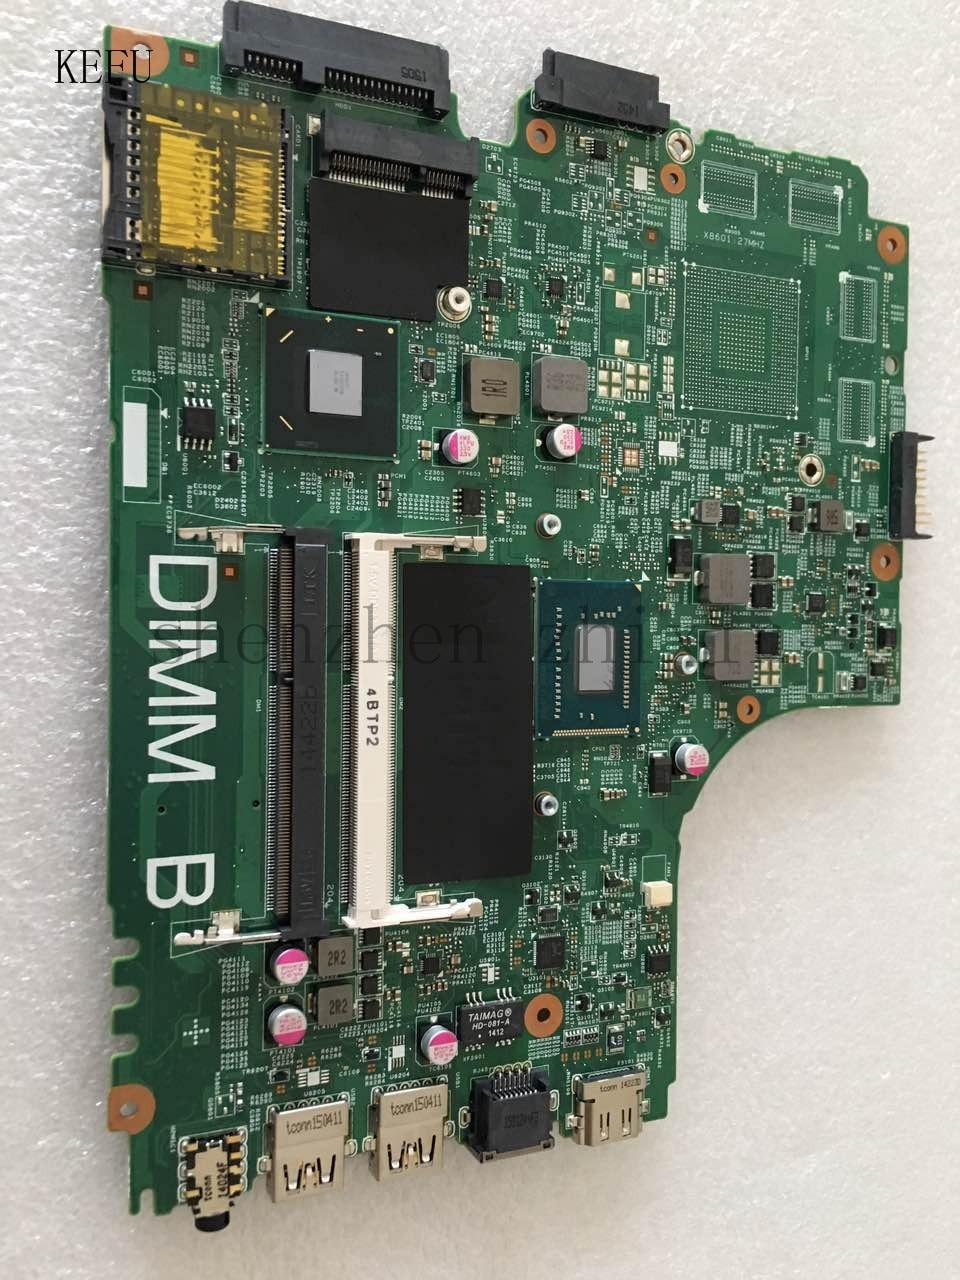 M5030 M102z M501R M411R E1405 M4040 E1705 Laptops 750GB 2.5 Hard Drive for Dell Inspiron-M101z M301z M5010 M5040 E1505